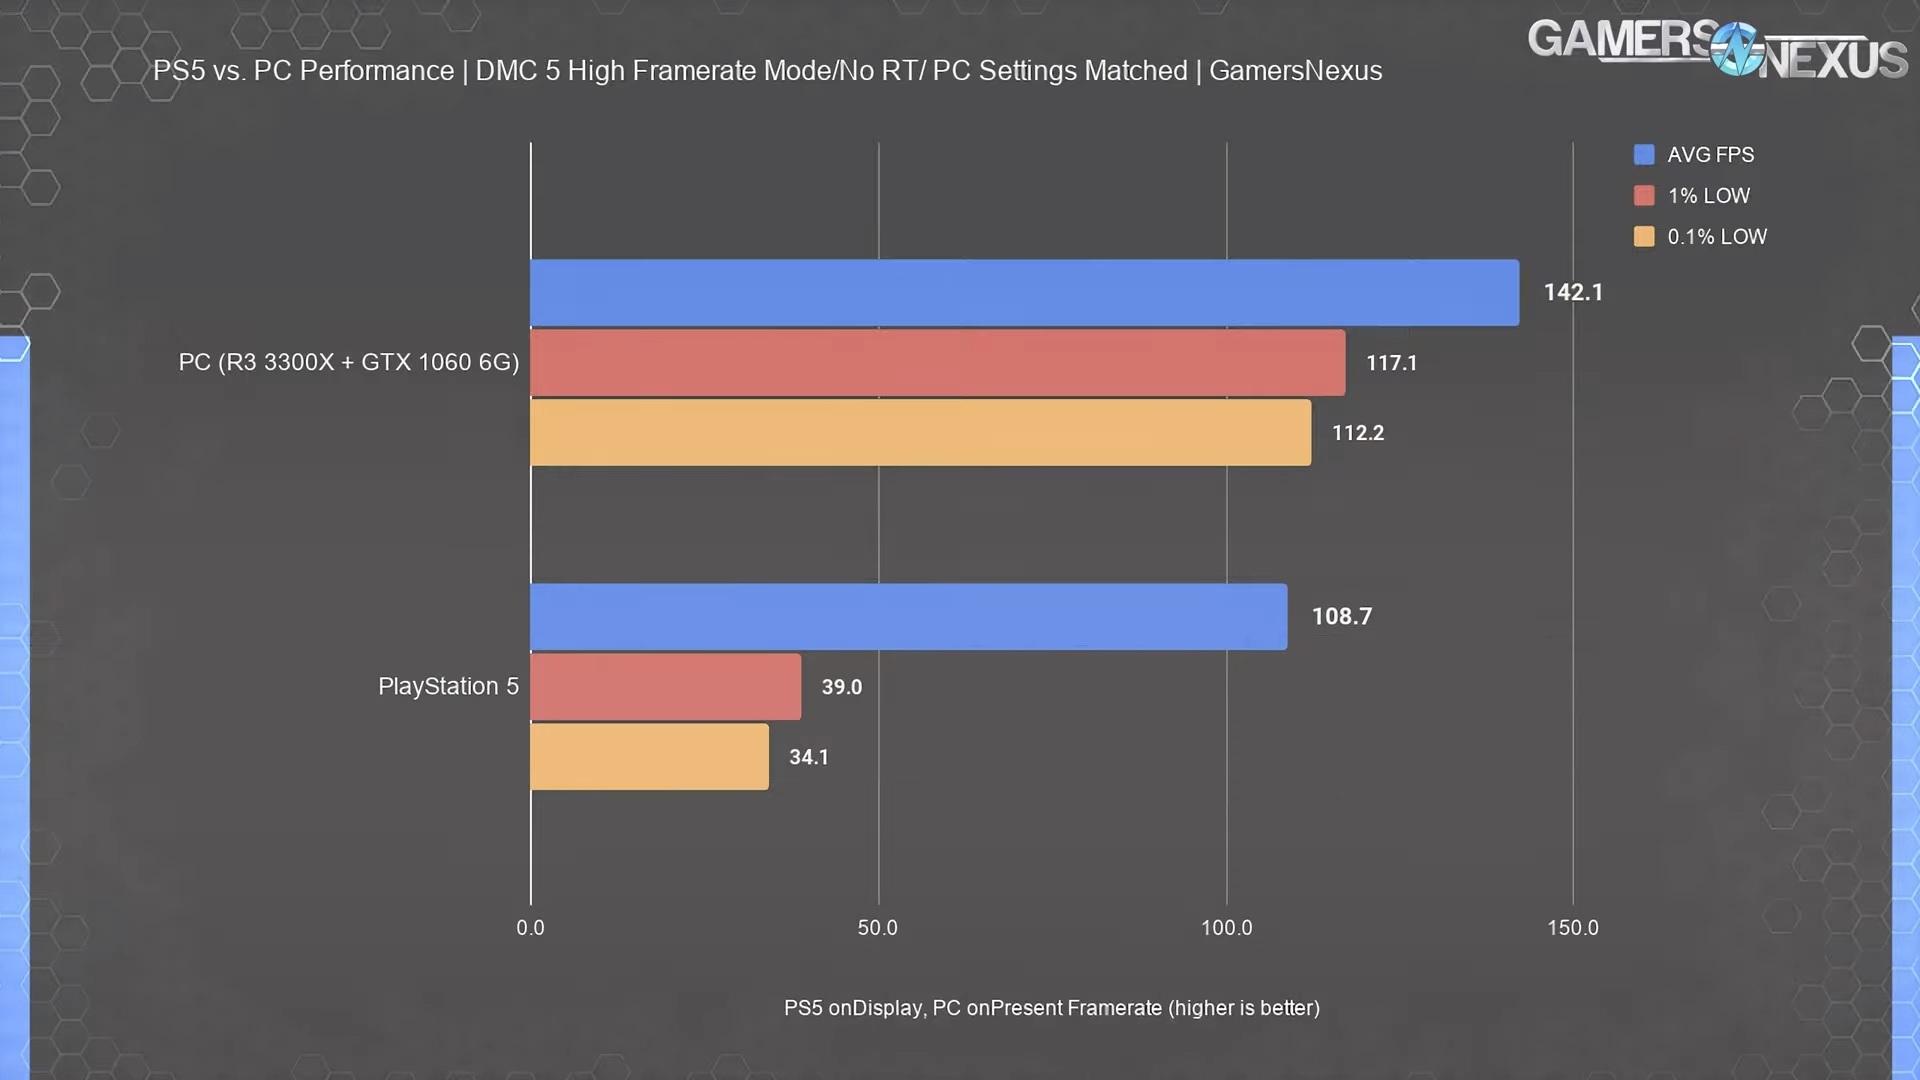 Производительность PS5 оказалась на уровне GTX 1070 Ti